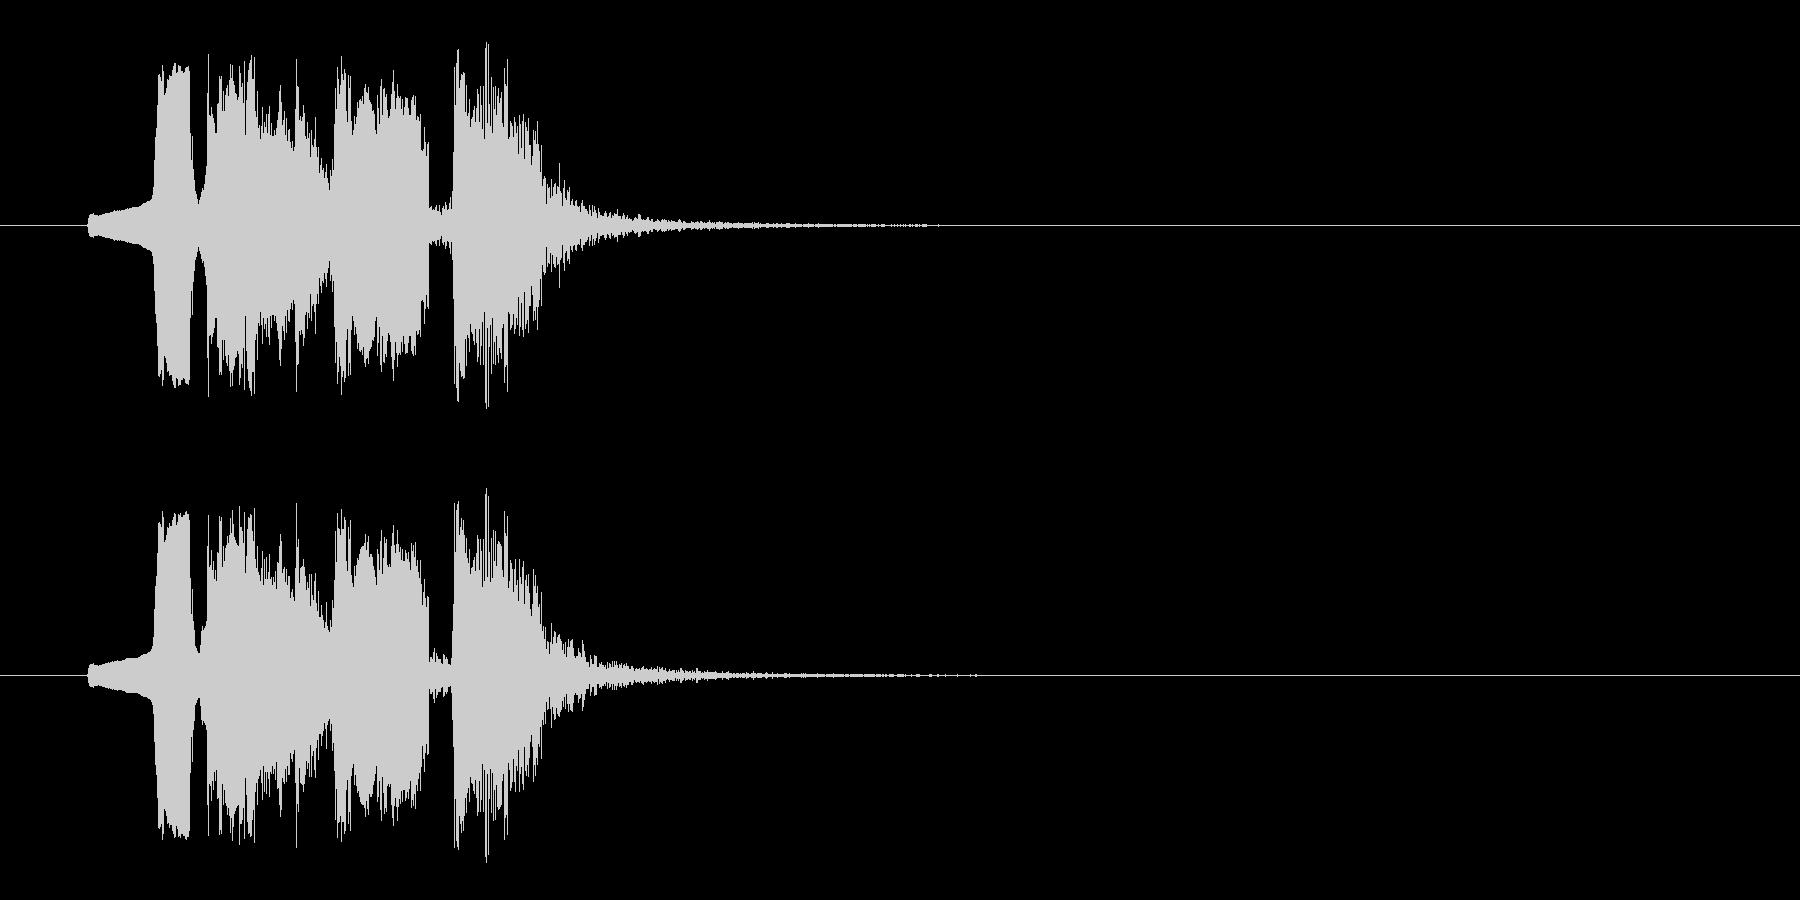 動きがありコミカルなBGMの未再生の波形